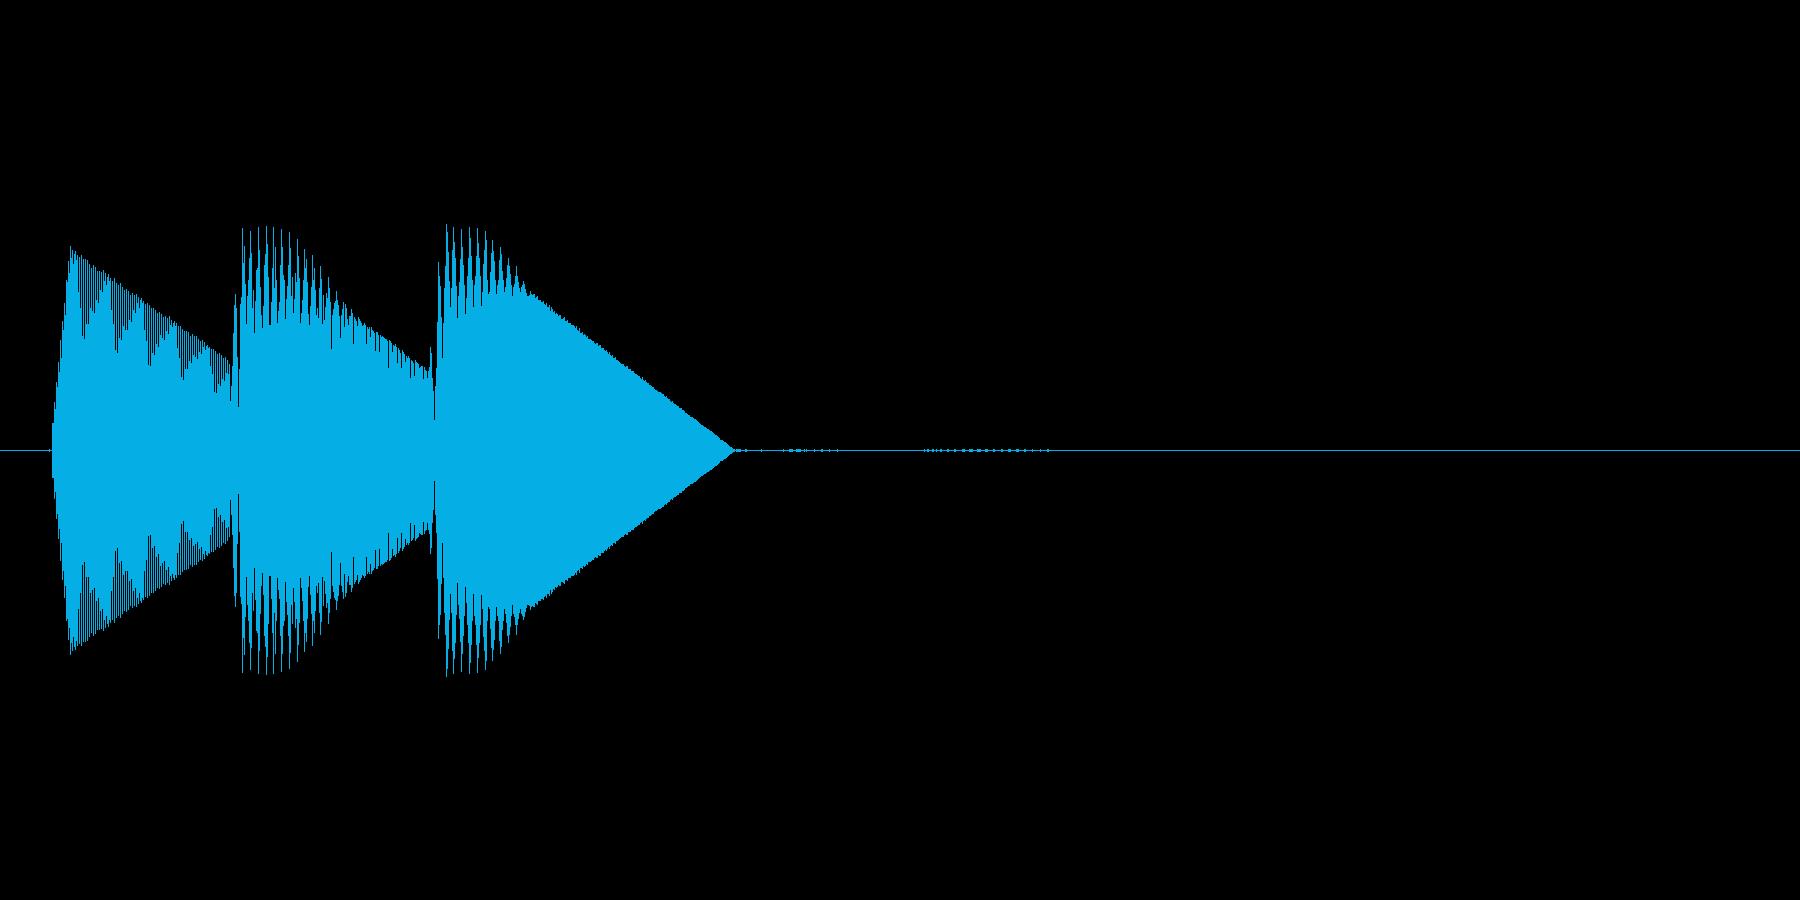 8bitのシステム音ピロン↑高音の再生済みの波形